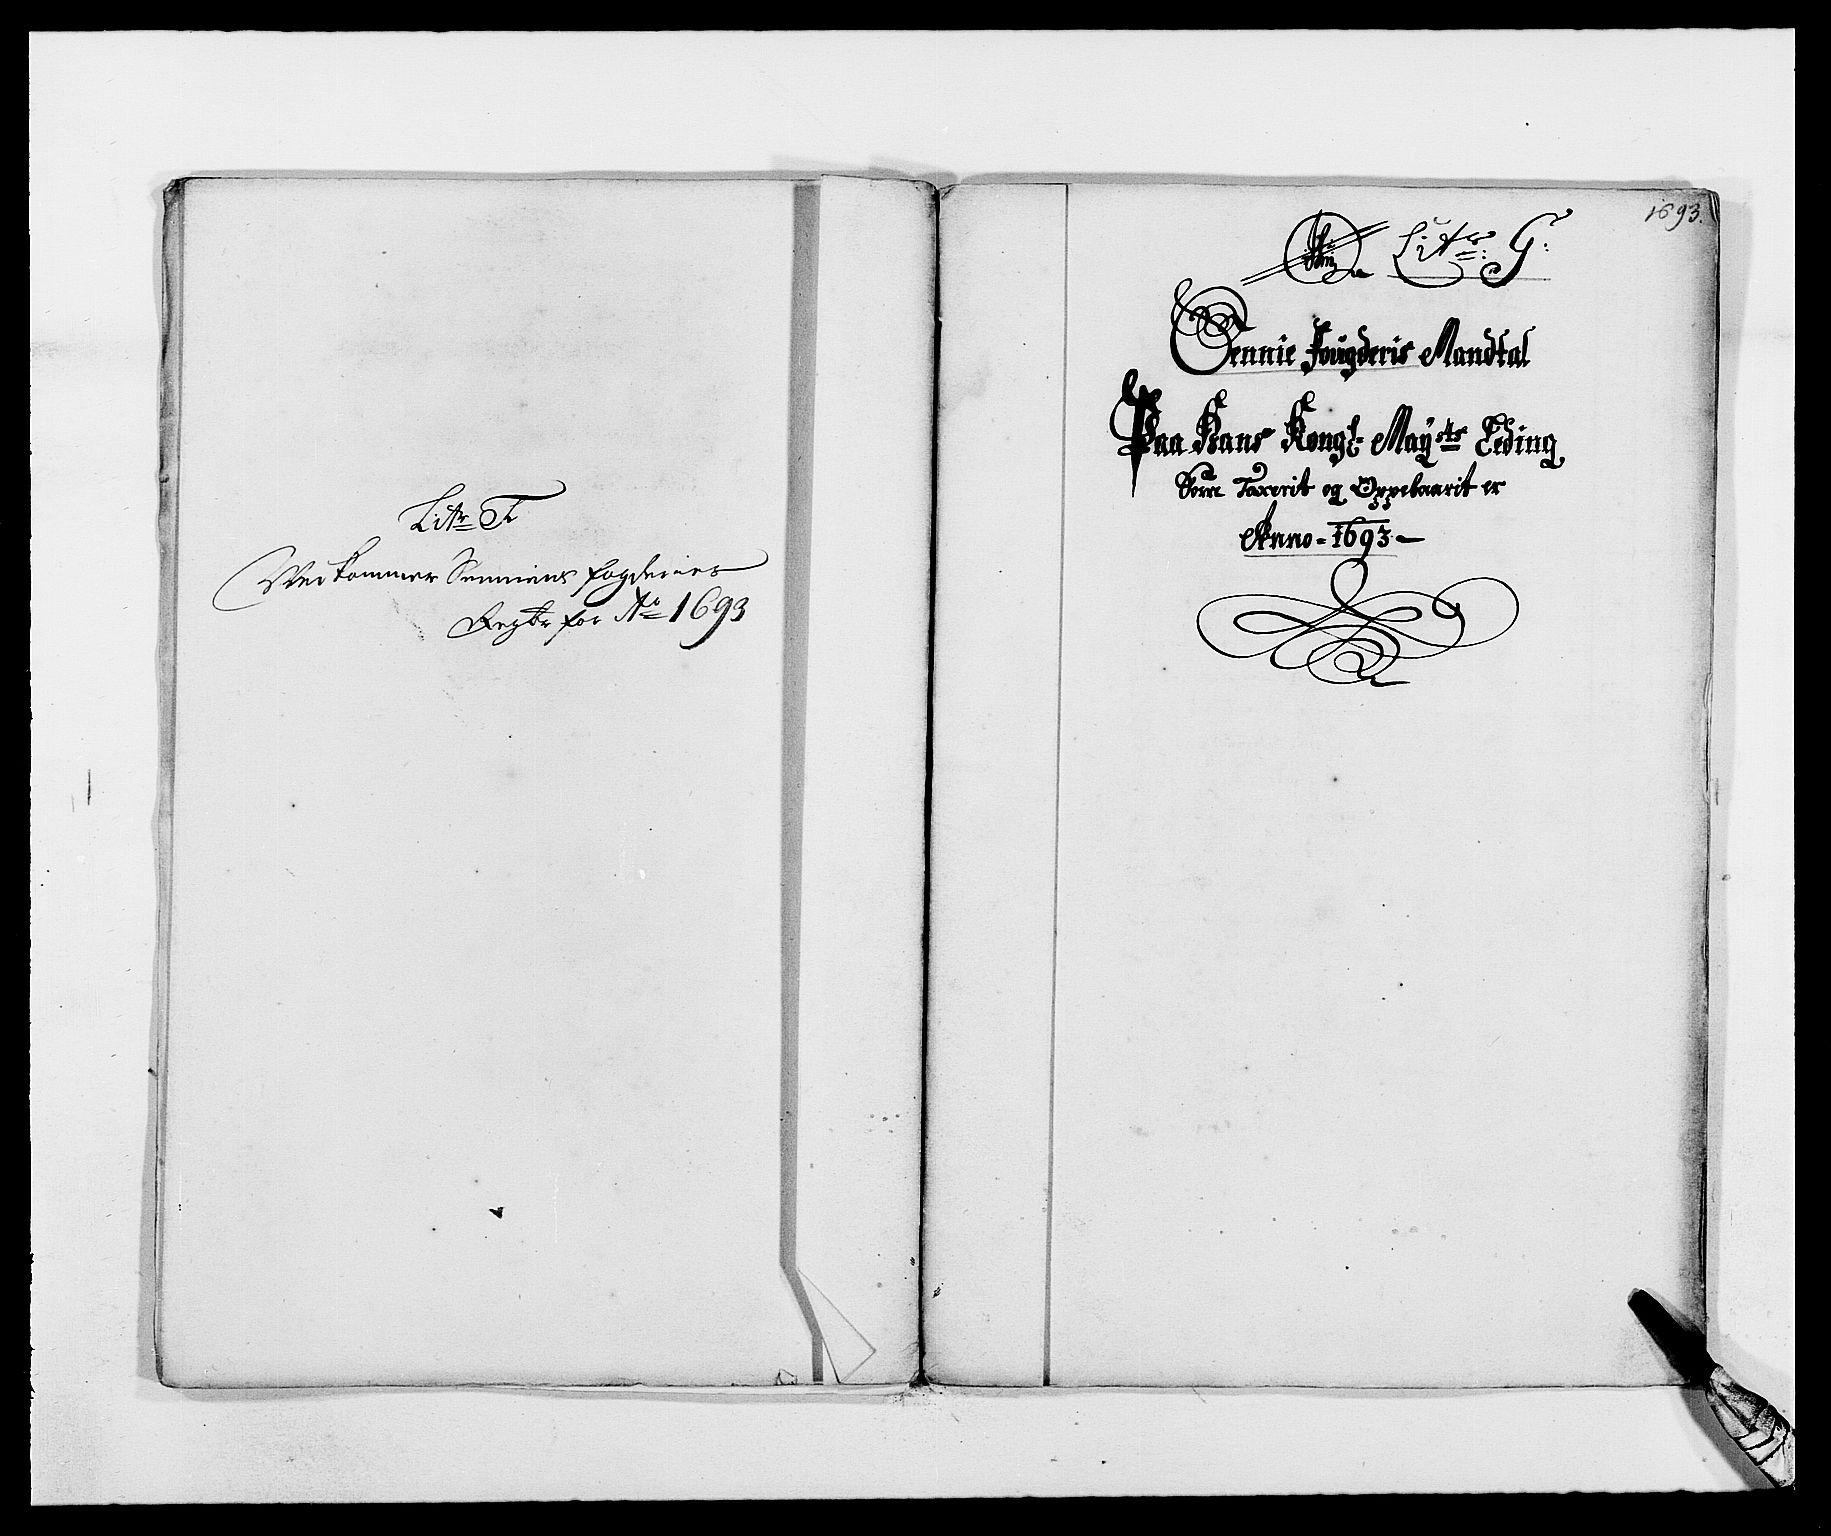 RA, Rentekammeret inntil 1814, Reviderte regnskaper, Fogderegnskap, R68/L4752: Fogderegnskap Senja og Troms, 1691-1693, s. 390